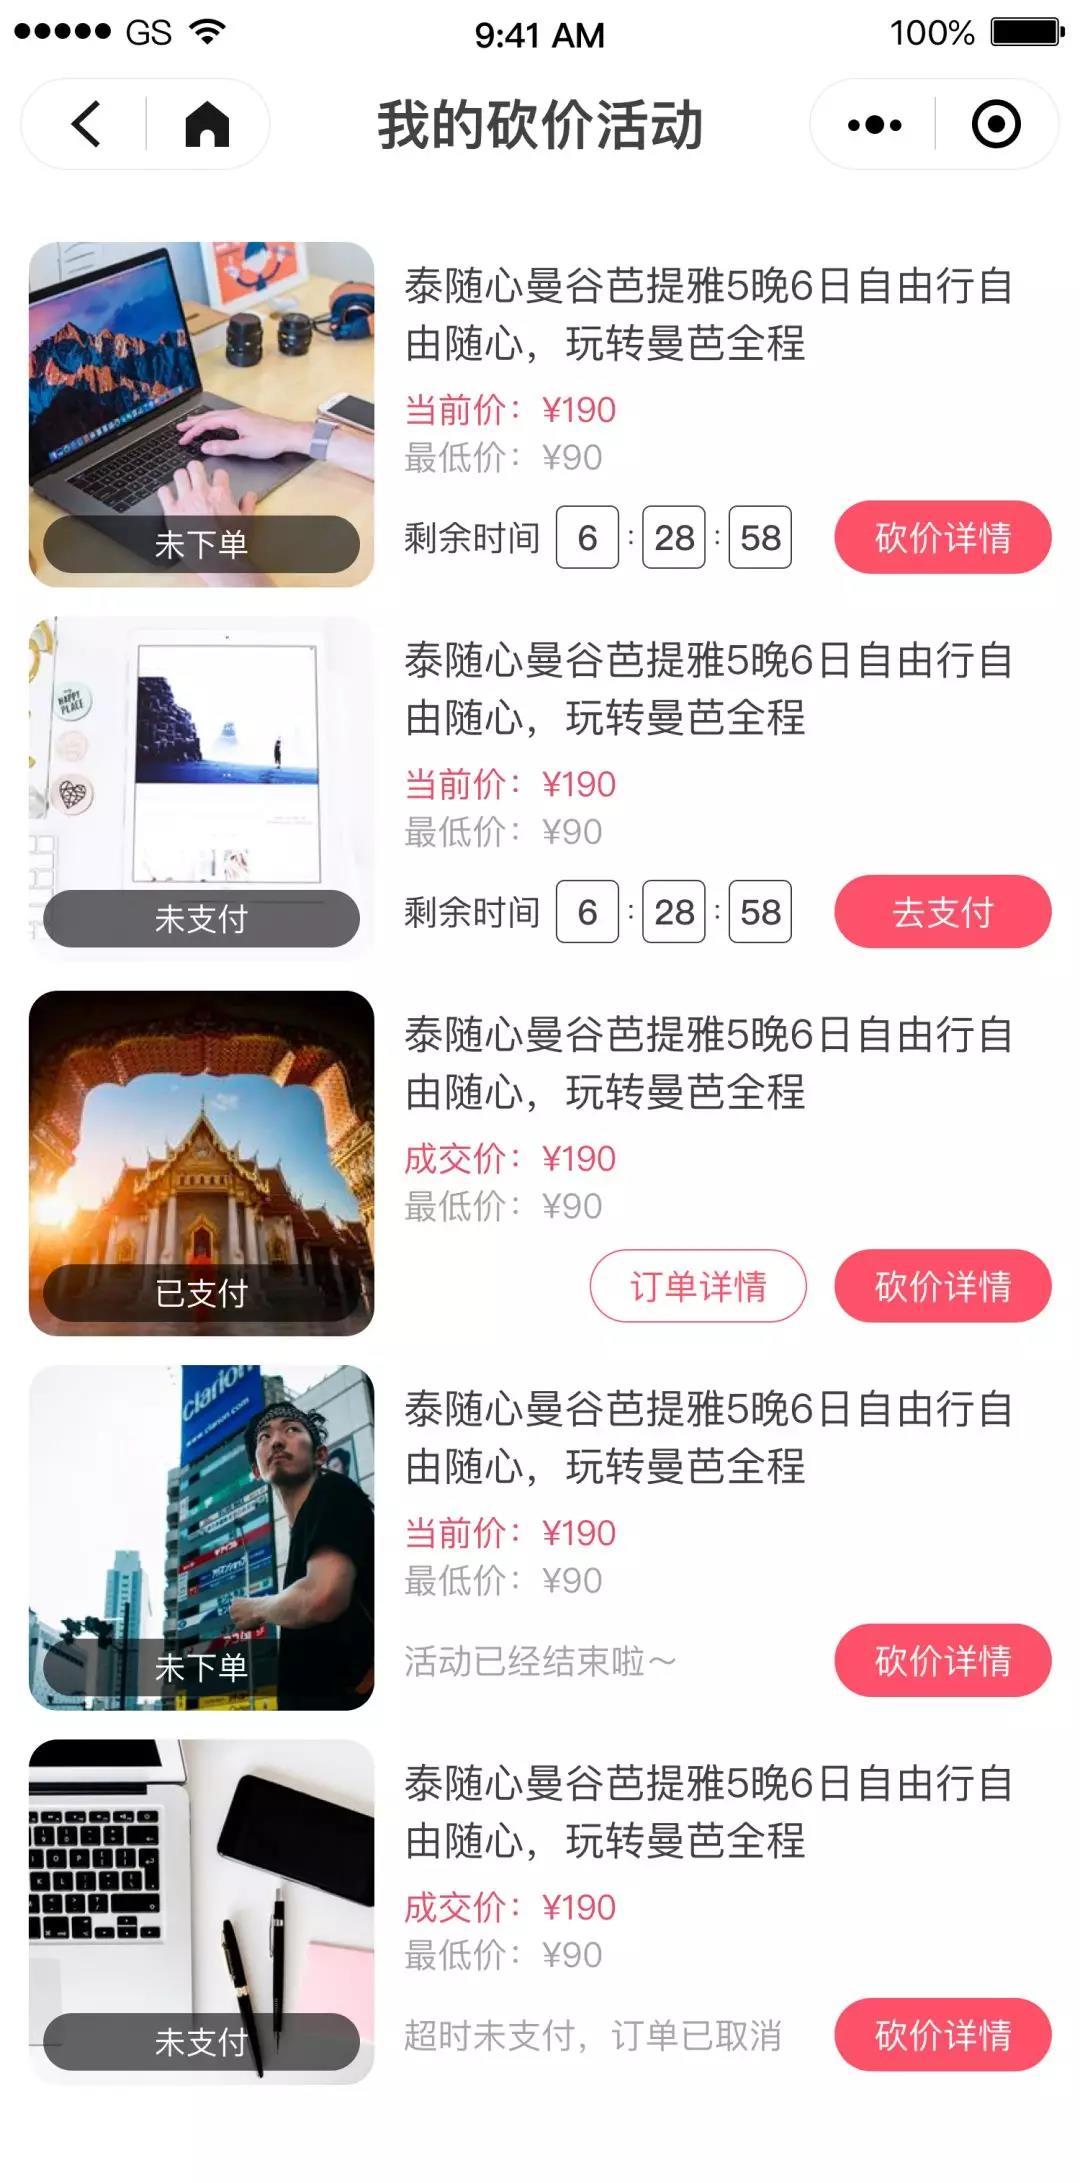 微盟智慧旅游,长春微盟,旅行社微信营销